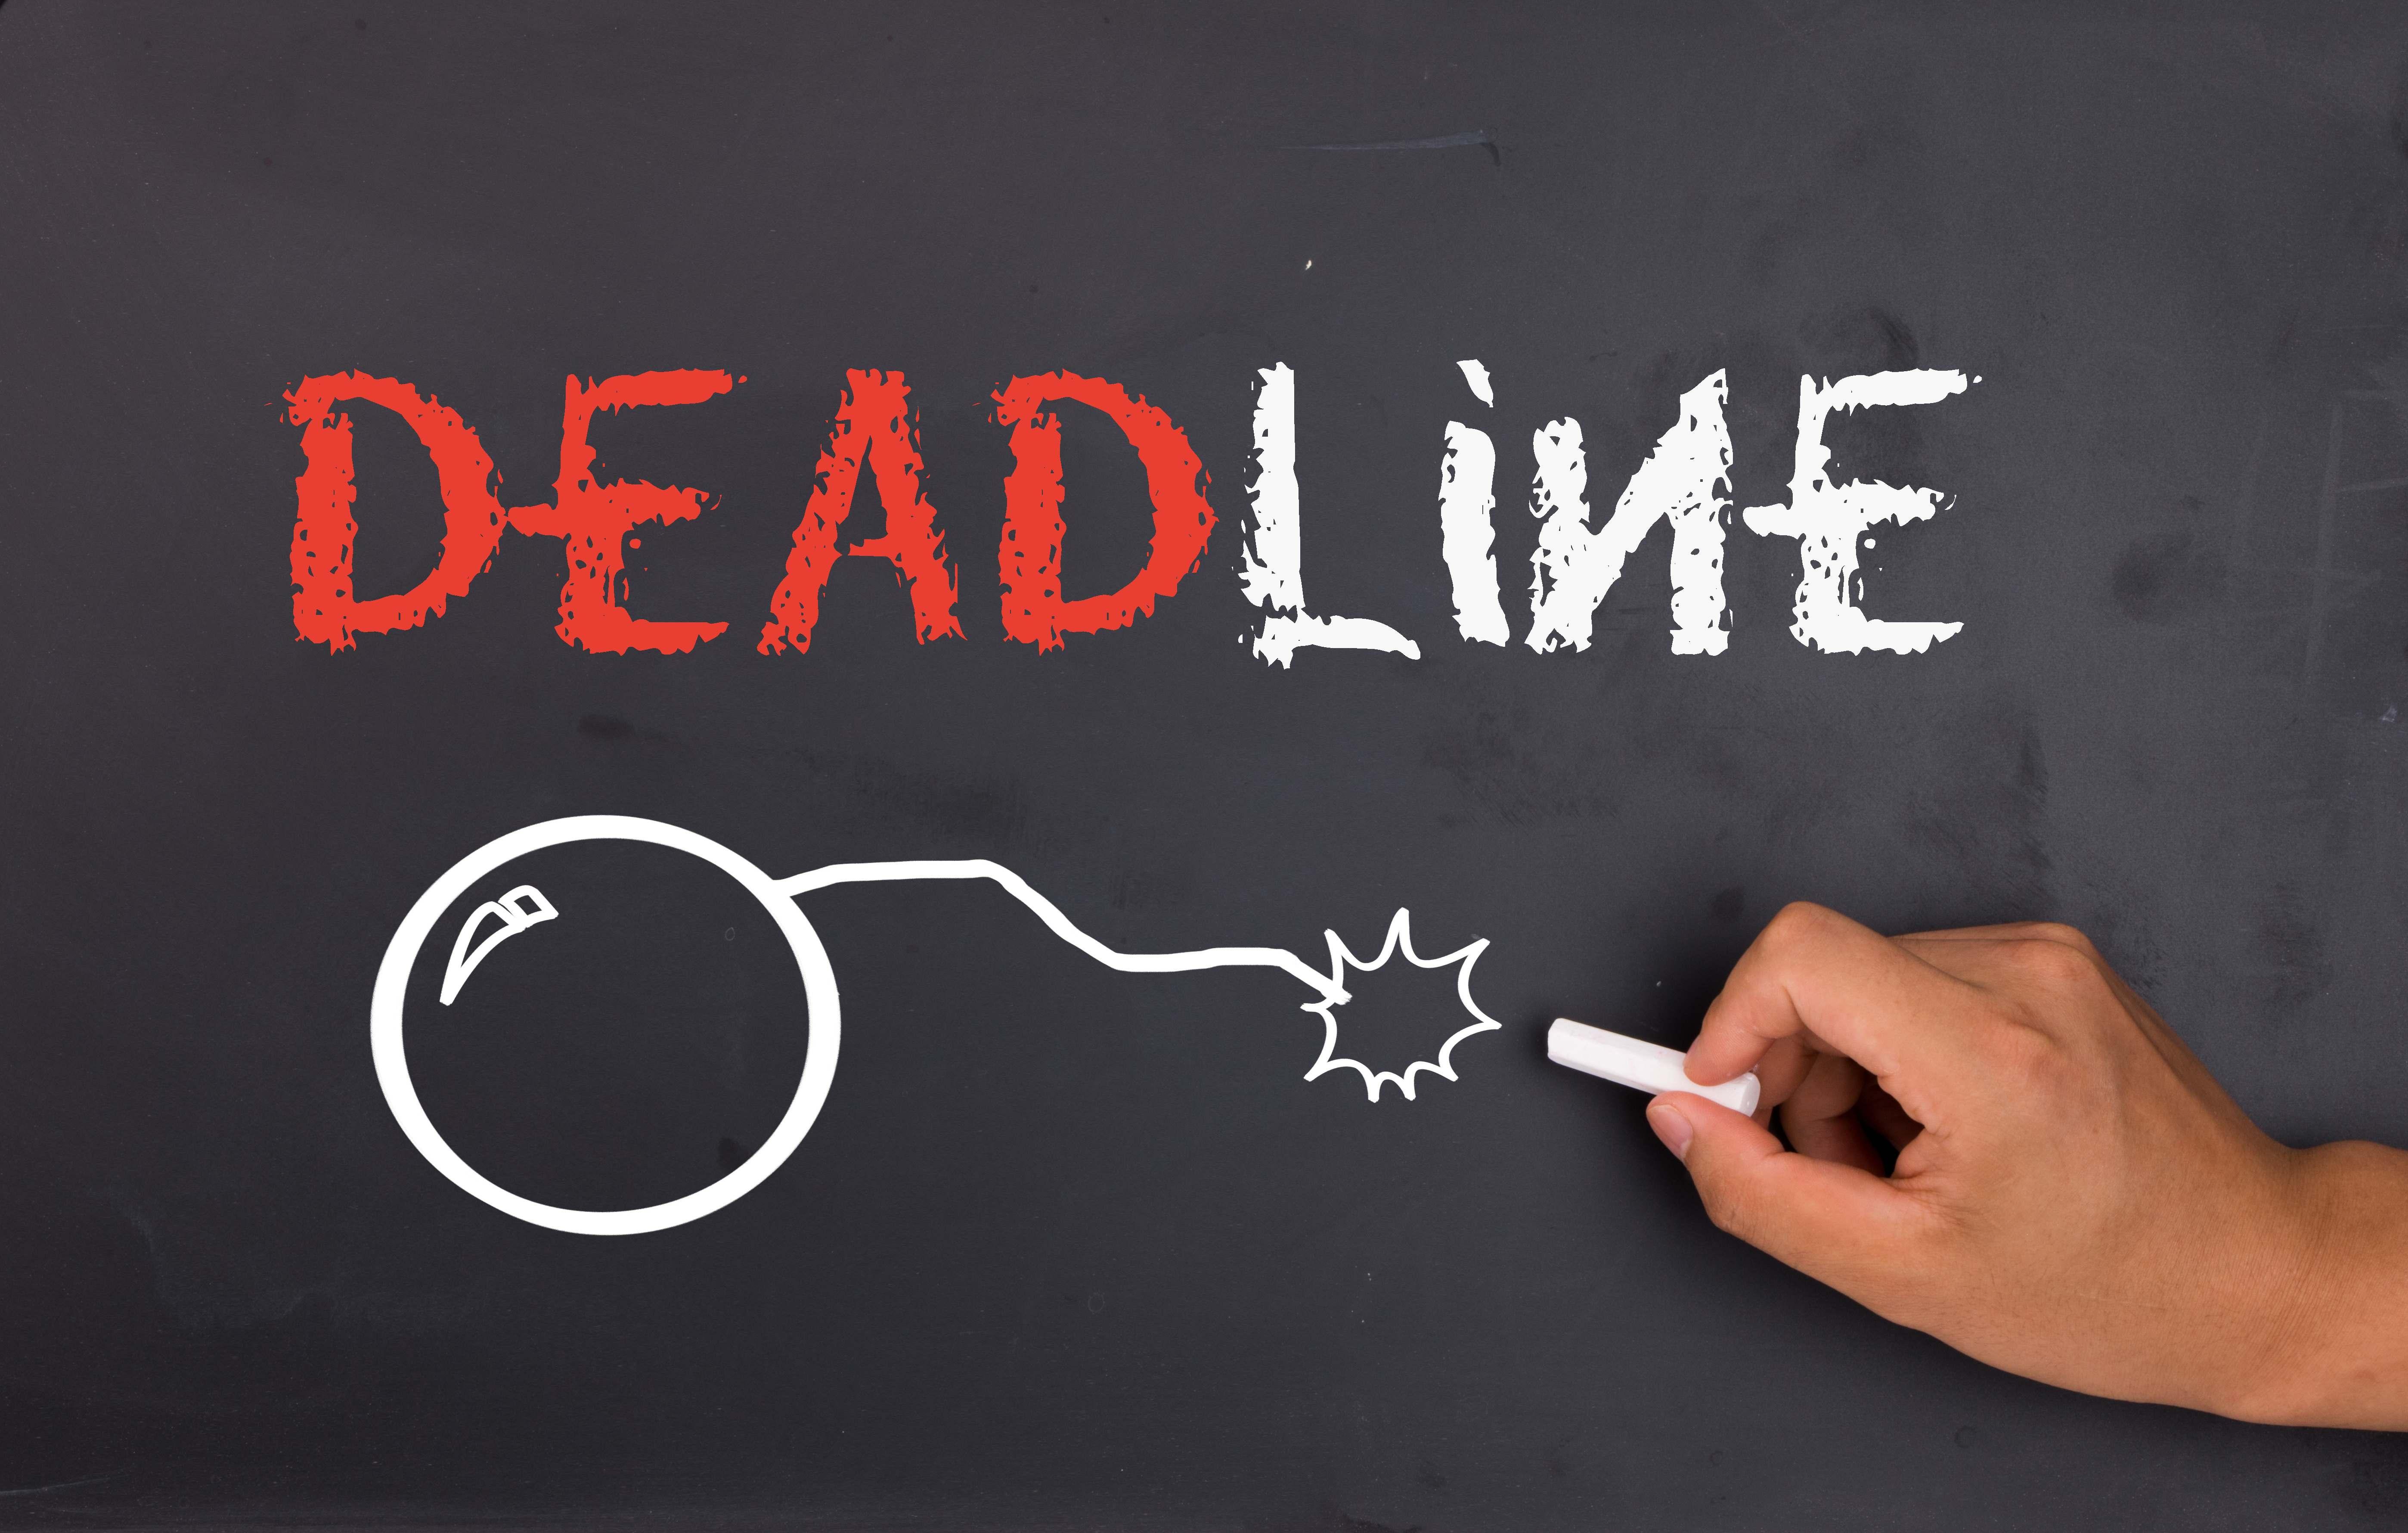 Дедлайн (deadline) - что это значит и где применяется